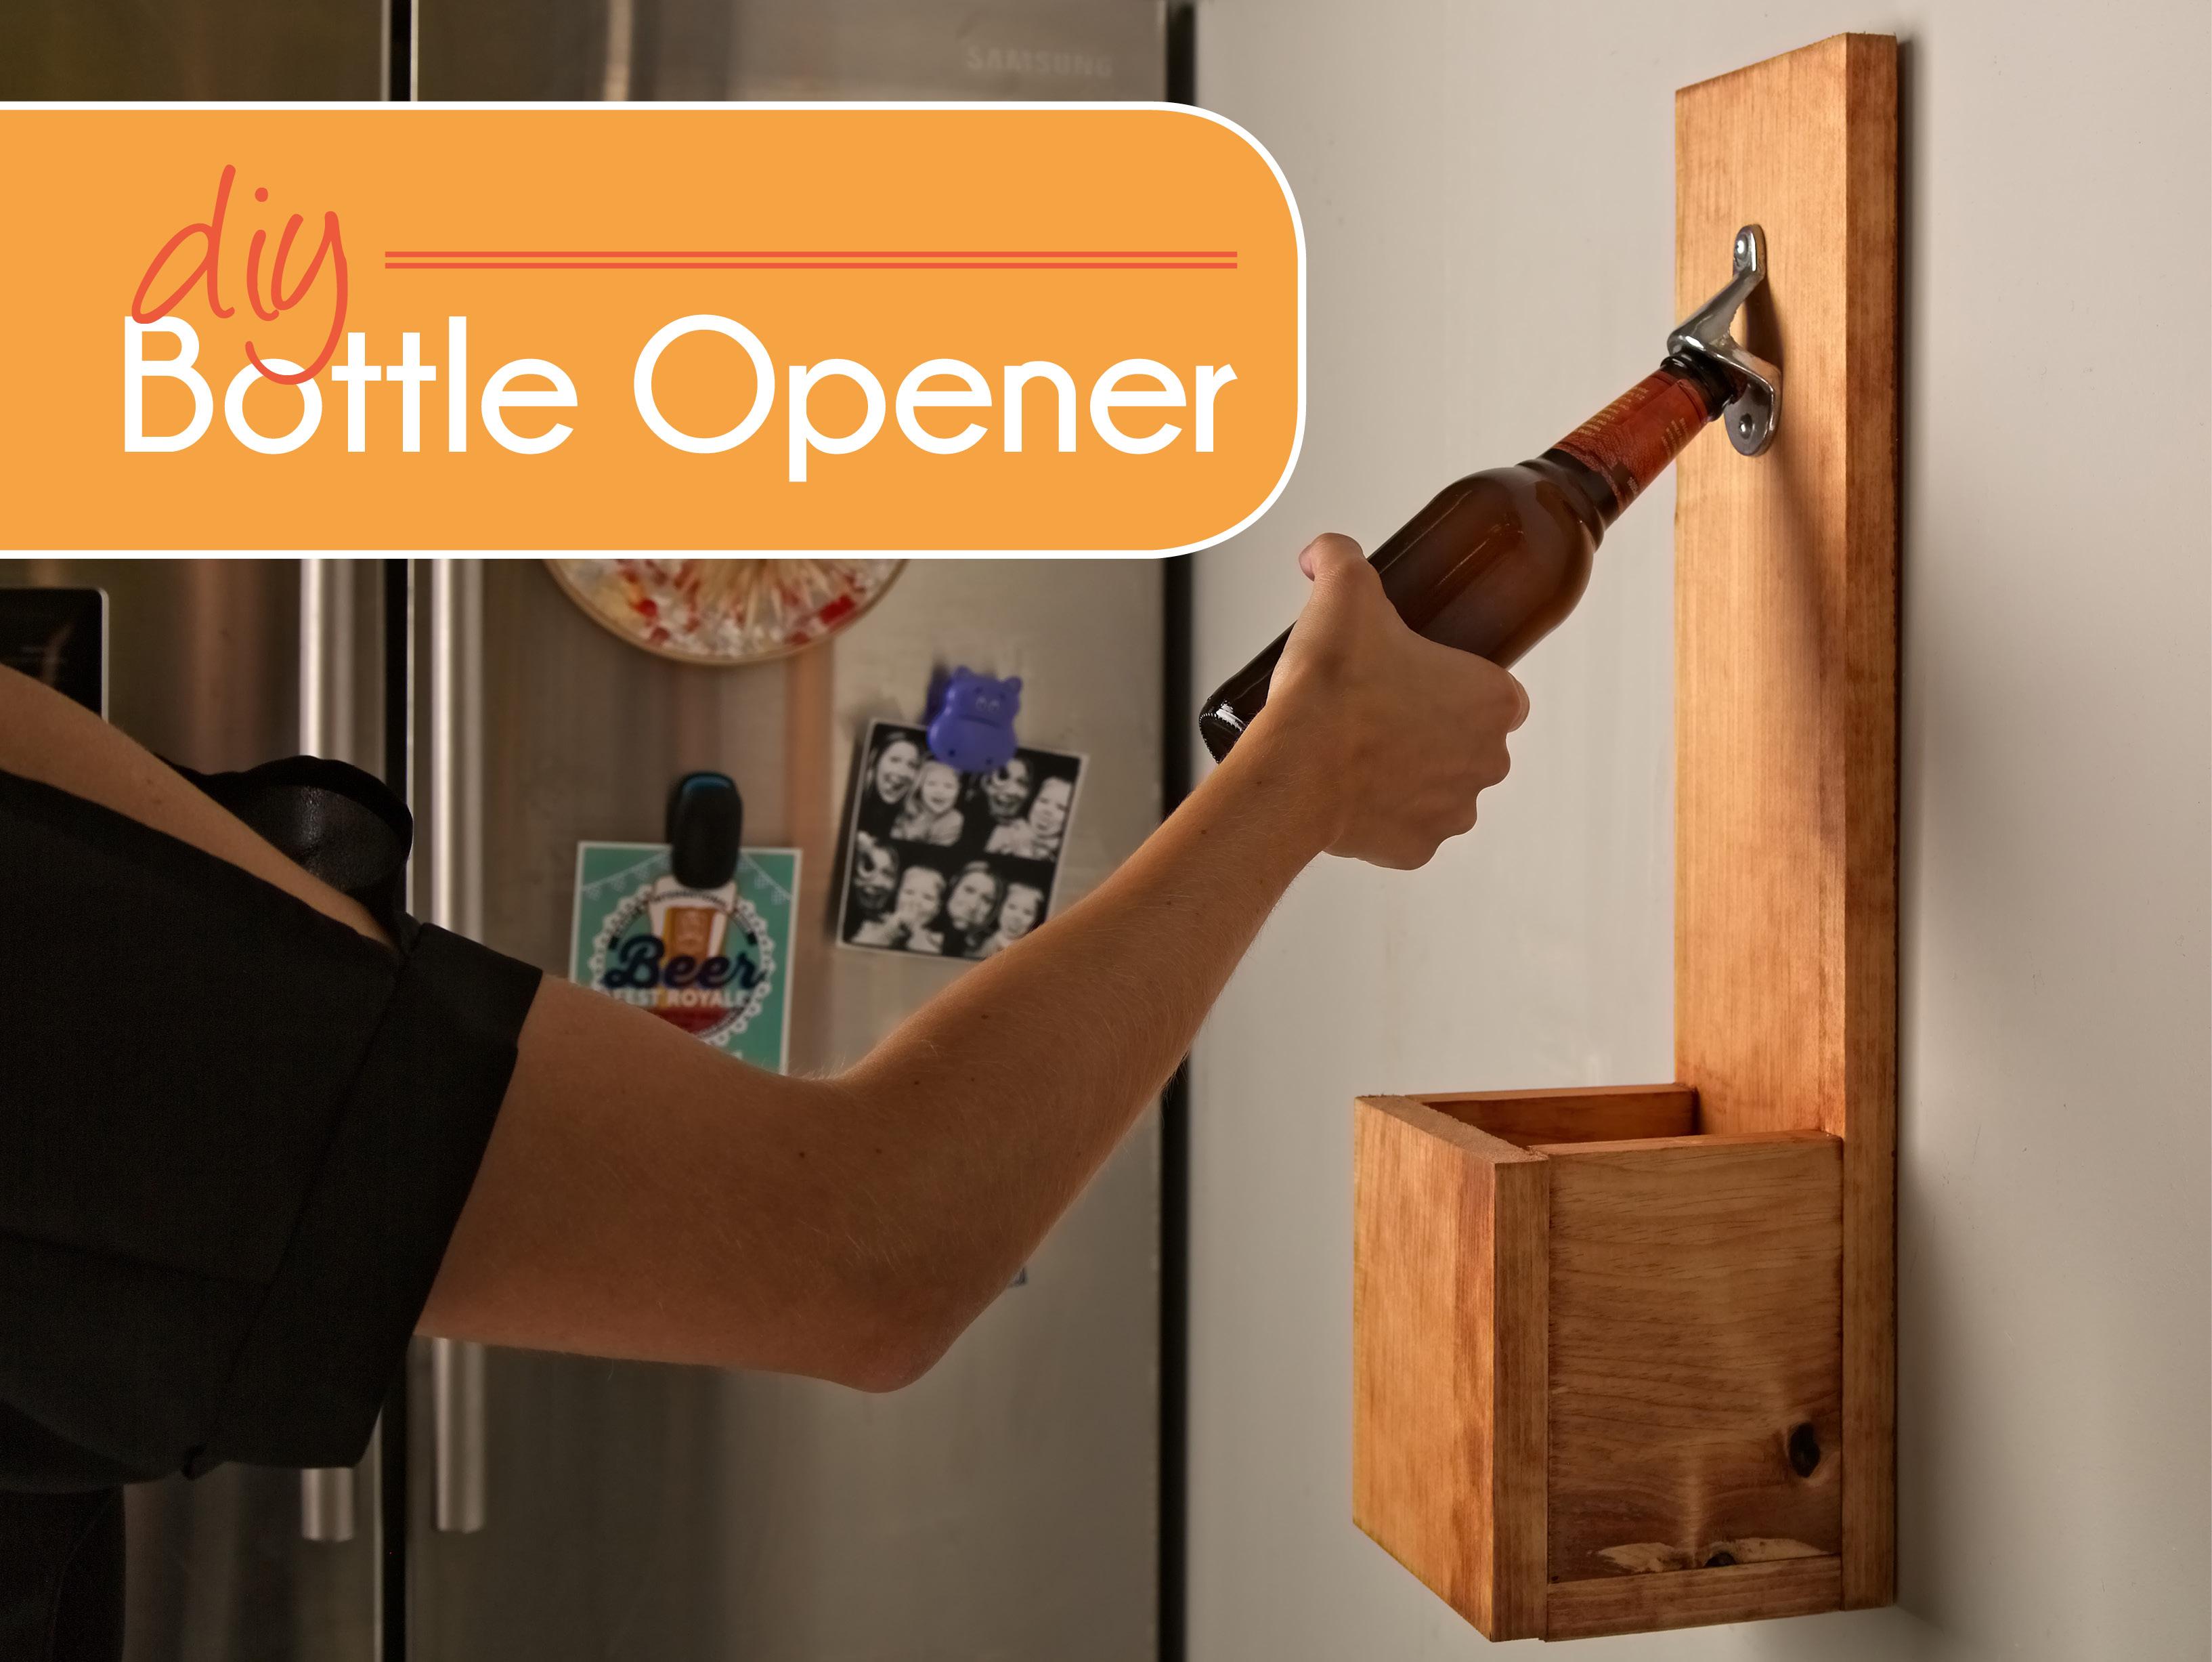 Diy Bottle Opener Adcock Rental Management